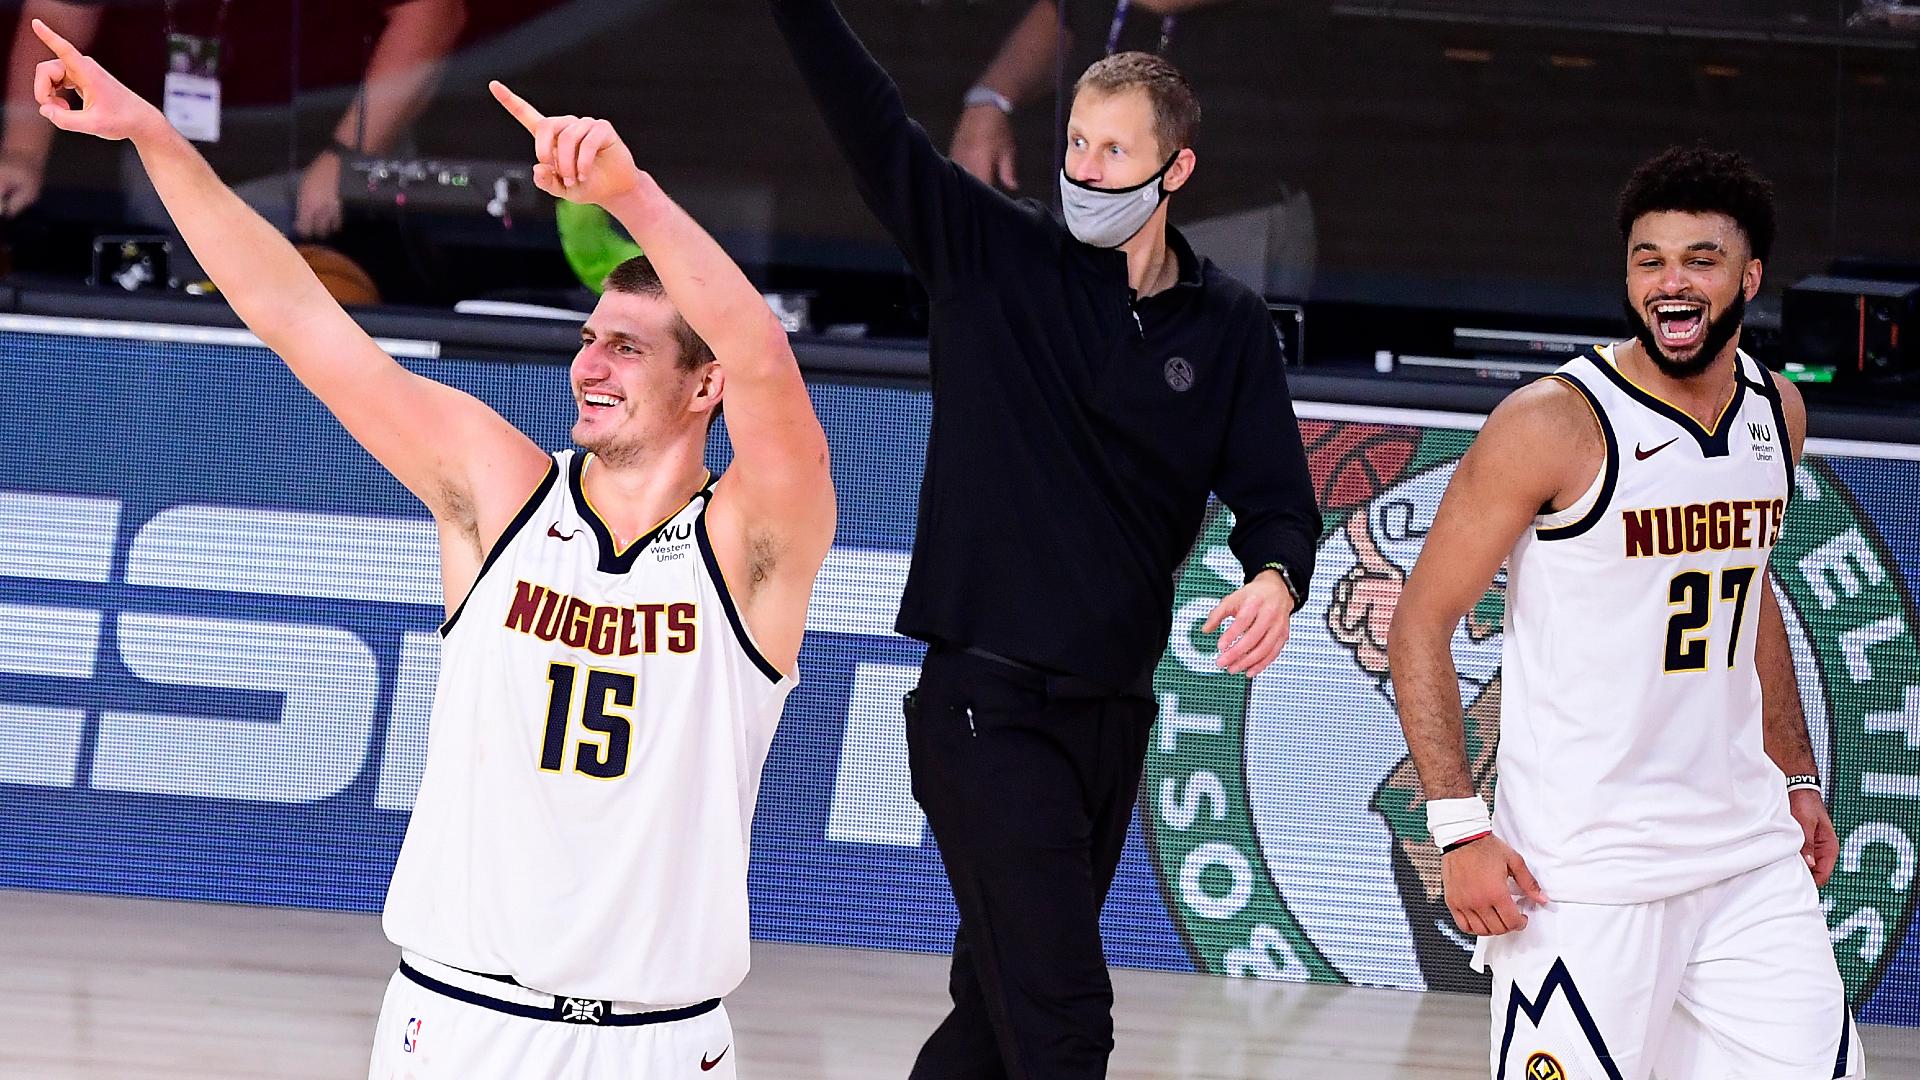 Denver Nuggets completó la remontada y está en las Finales del Oeste de la mano de Nikola Jokic y Jamal Murray | NBA.com Argentina | El sitio oficial de la NBA